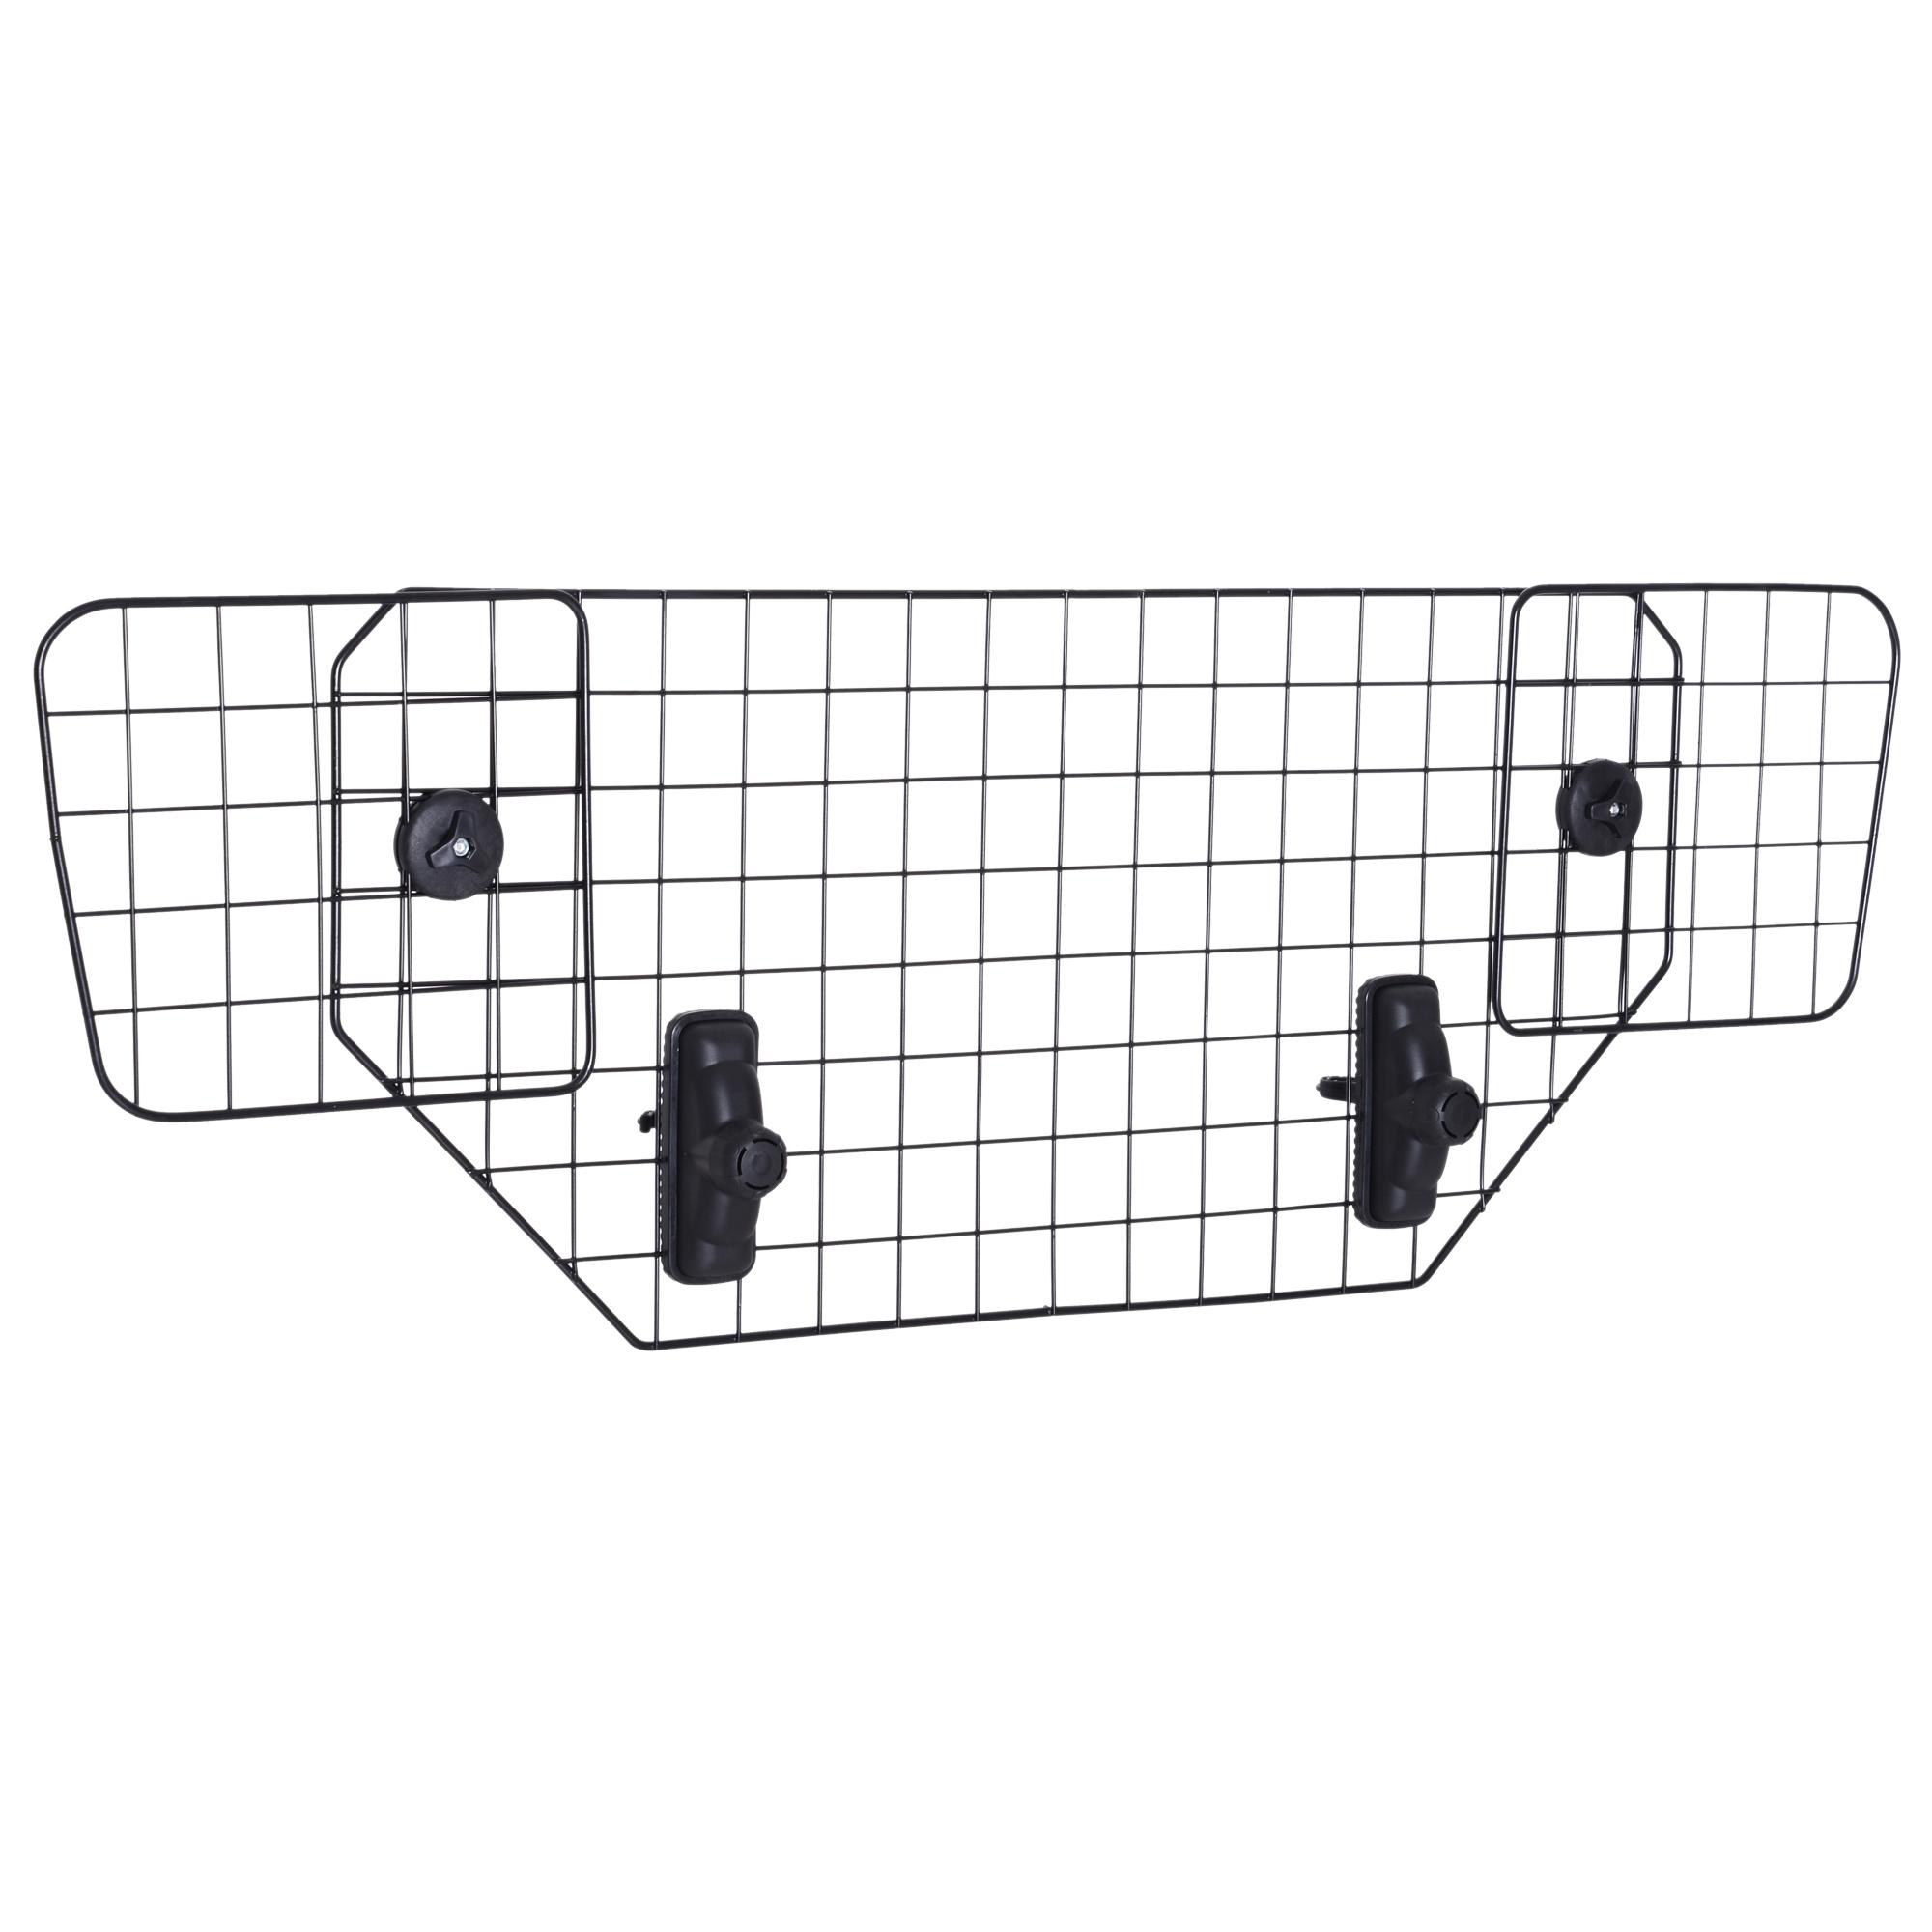 PawHut Bariera Separator de Protectie Masina pentru Caini Reglabila 89-122x41cm imagine aosom.ro